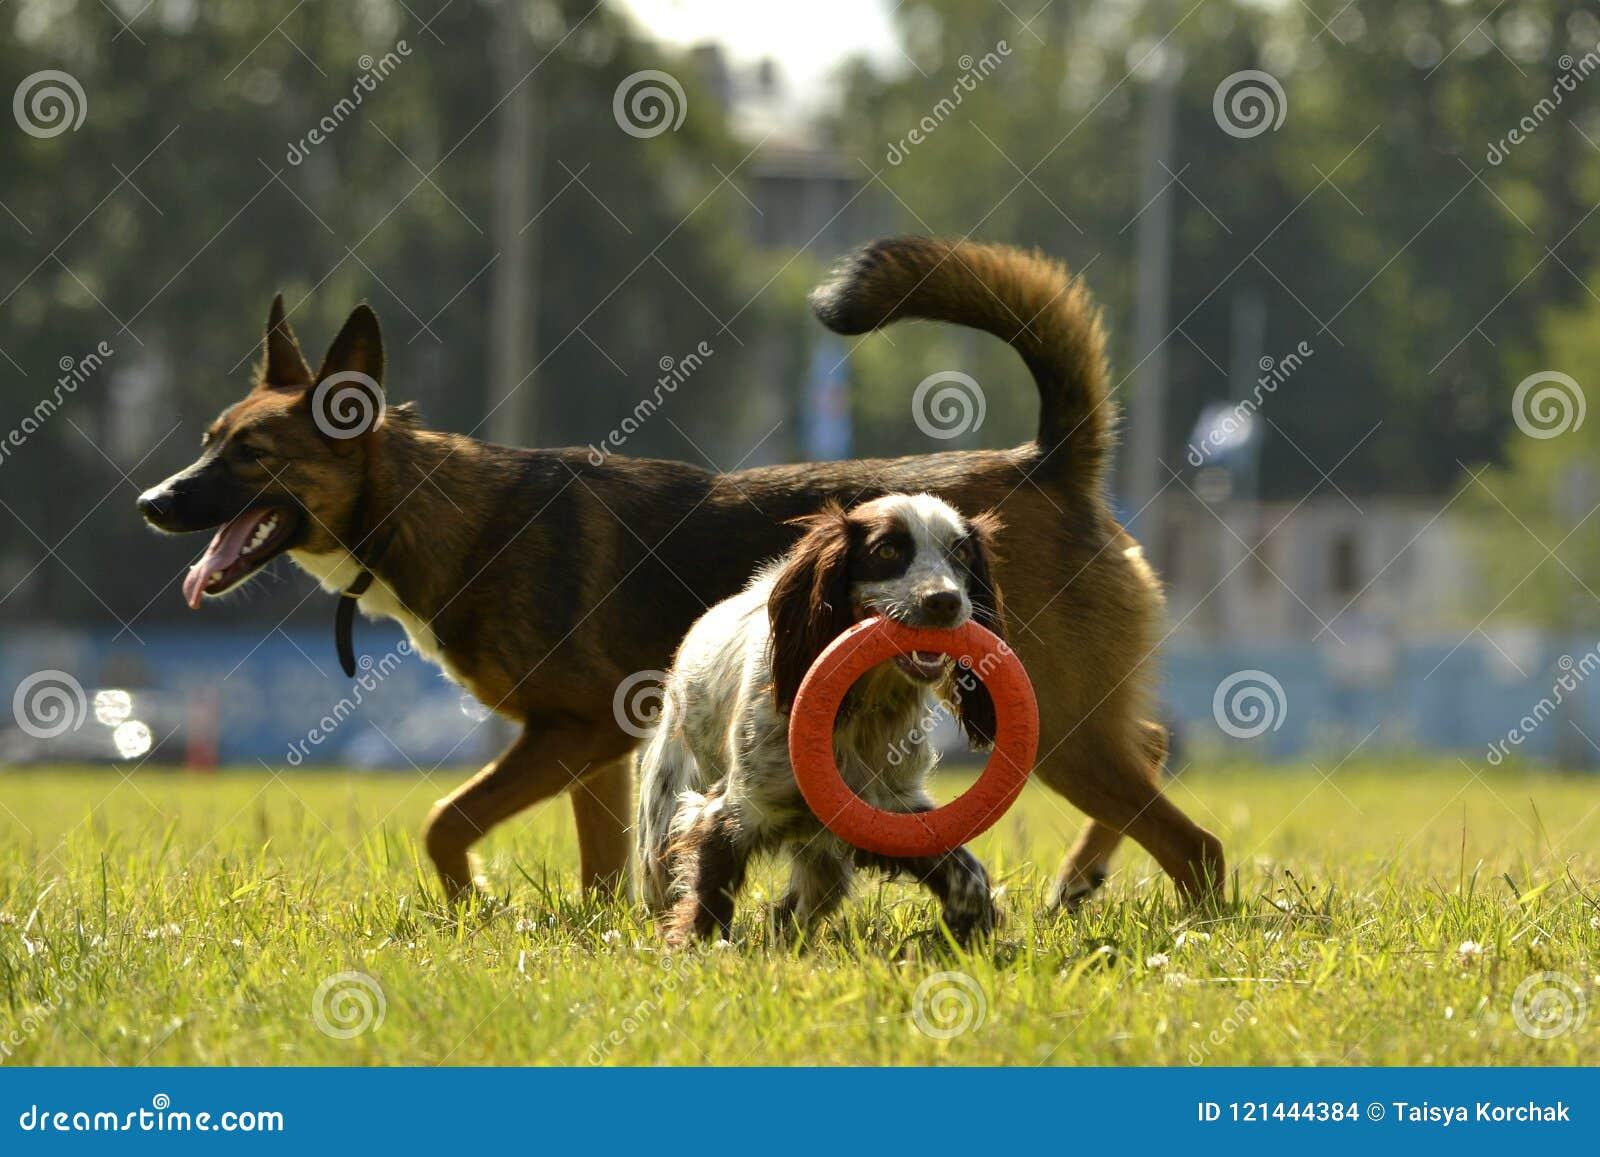 Hundespiel mit einander Fröhliche Getuewelpen Junge Hundebildung, cynology, intensives Training von Hunden